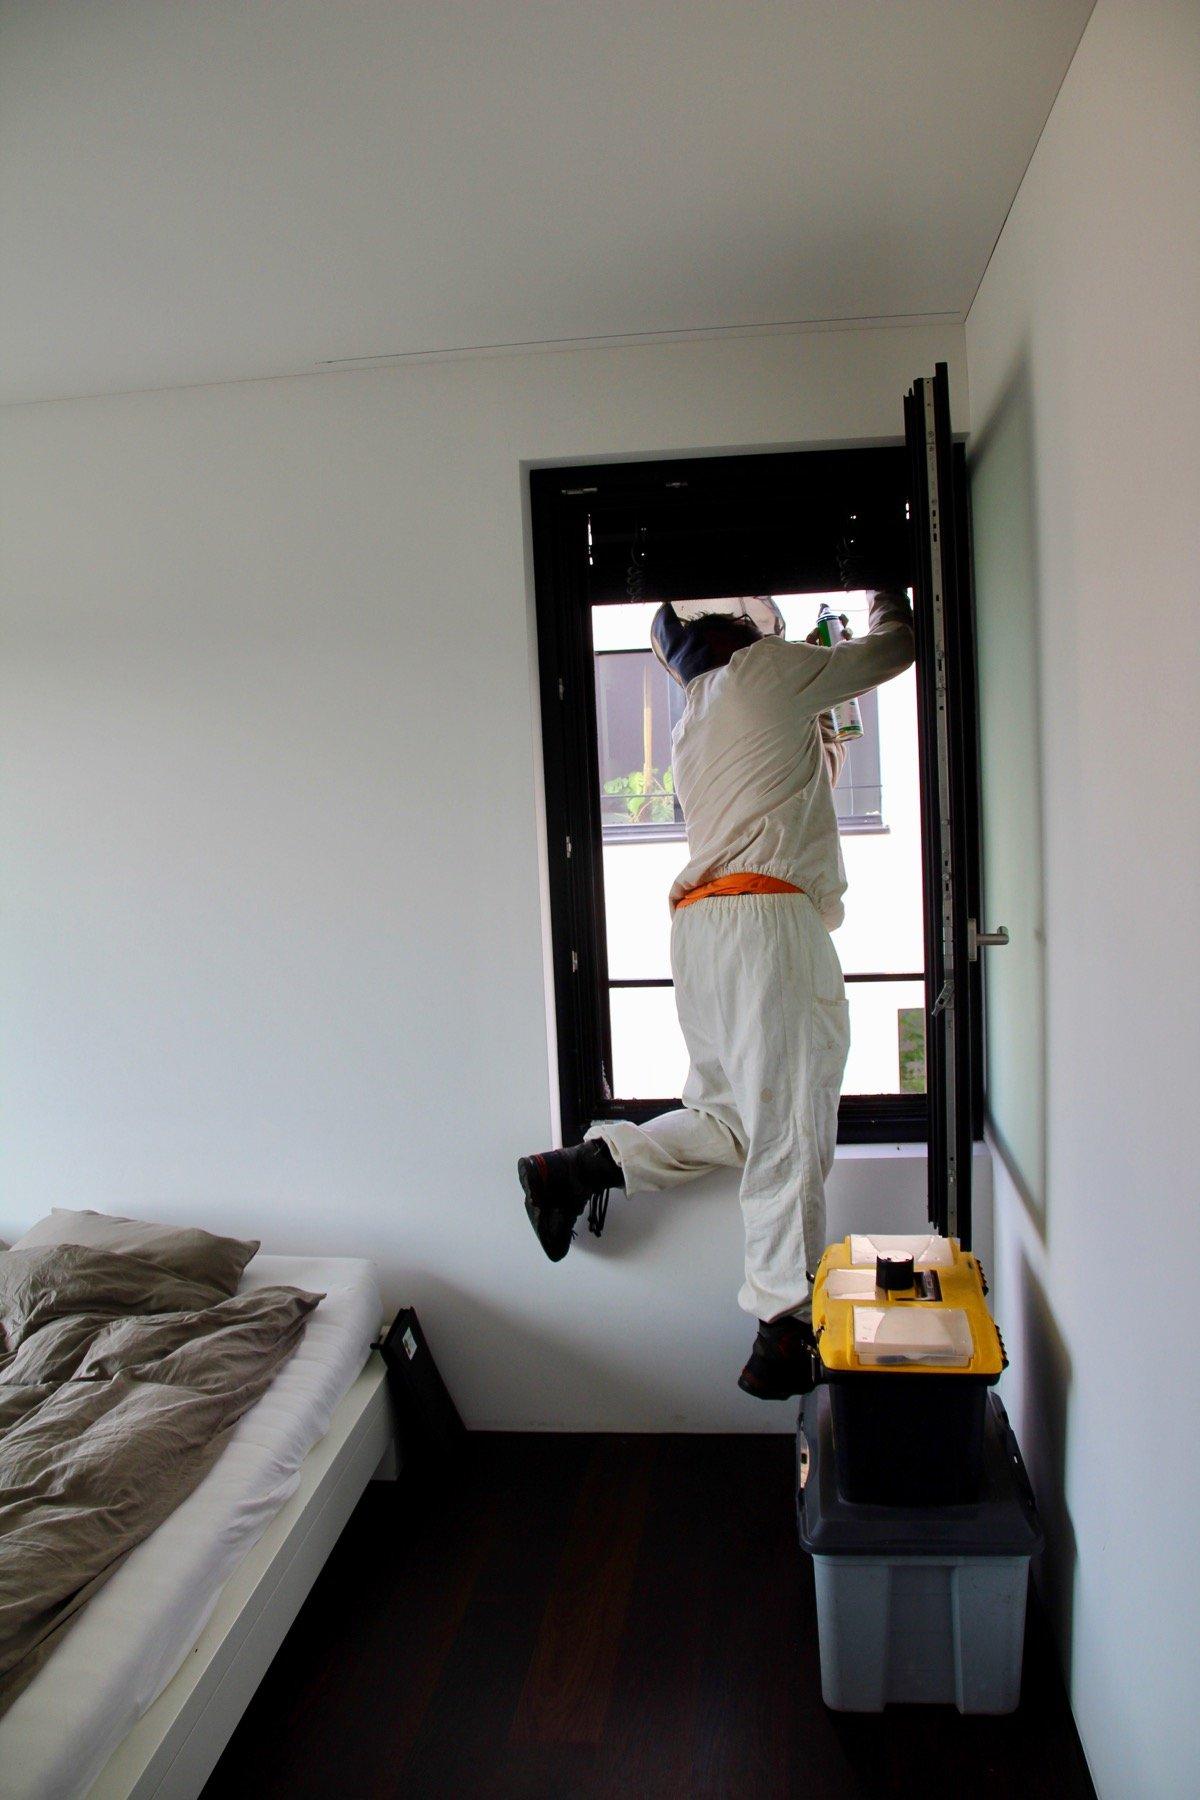 Es empfiehlt sich, als Wespenbekämpfer keine Höhenangst zu haben.